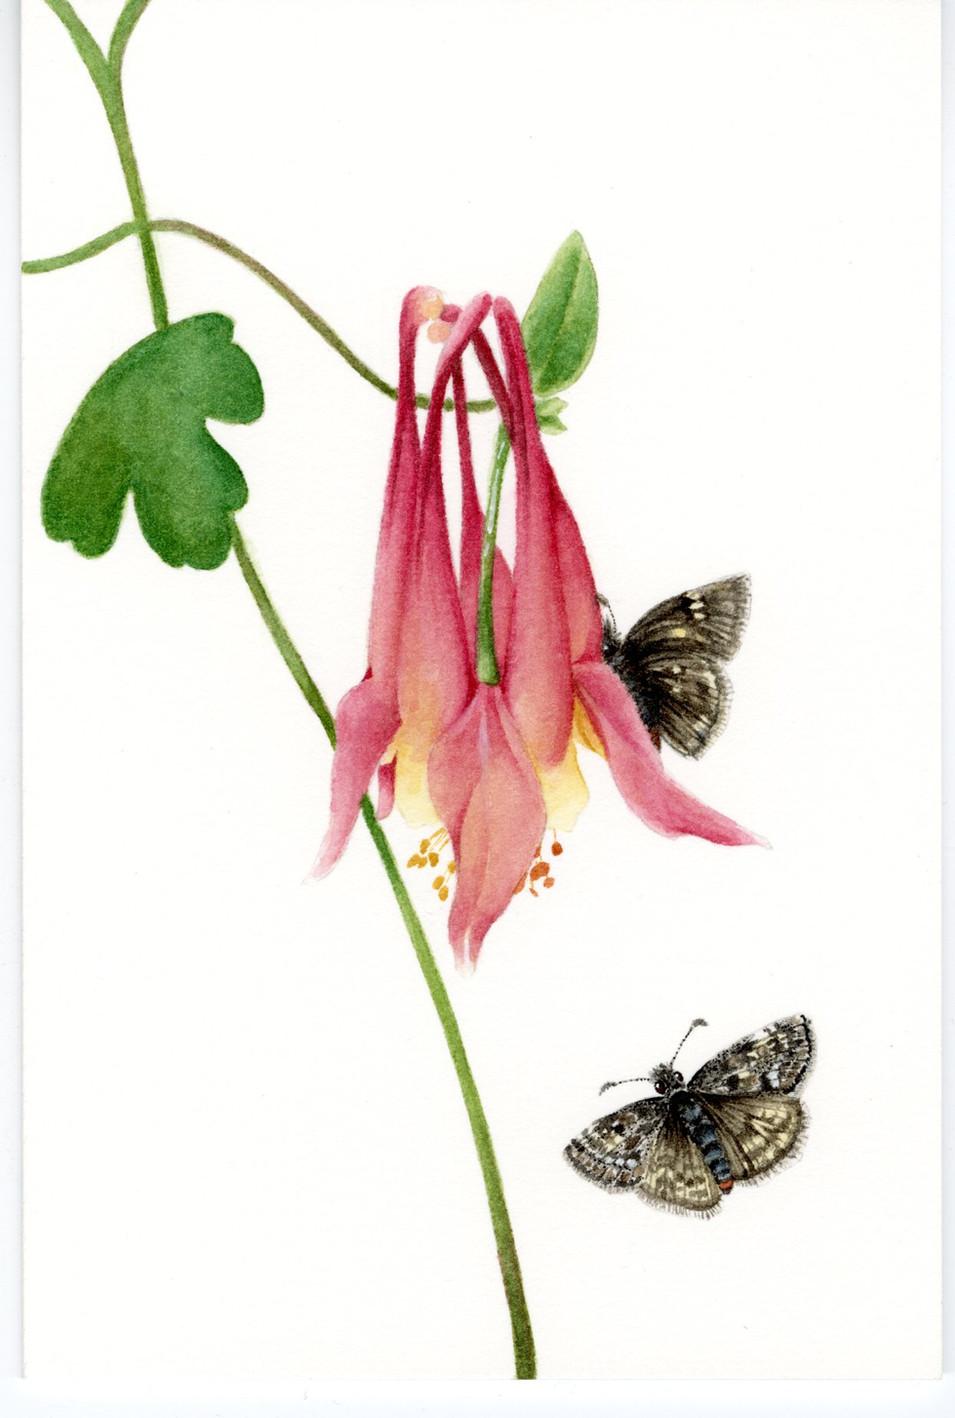 Duskywing Butterfly